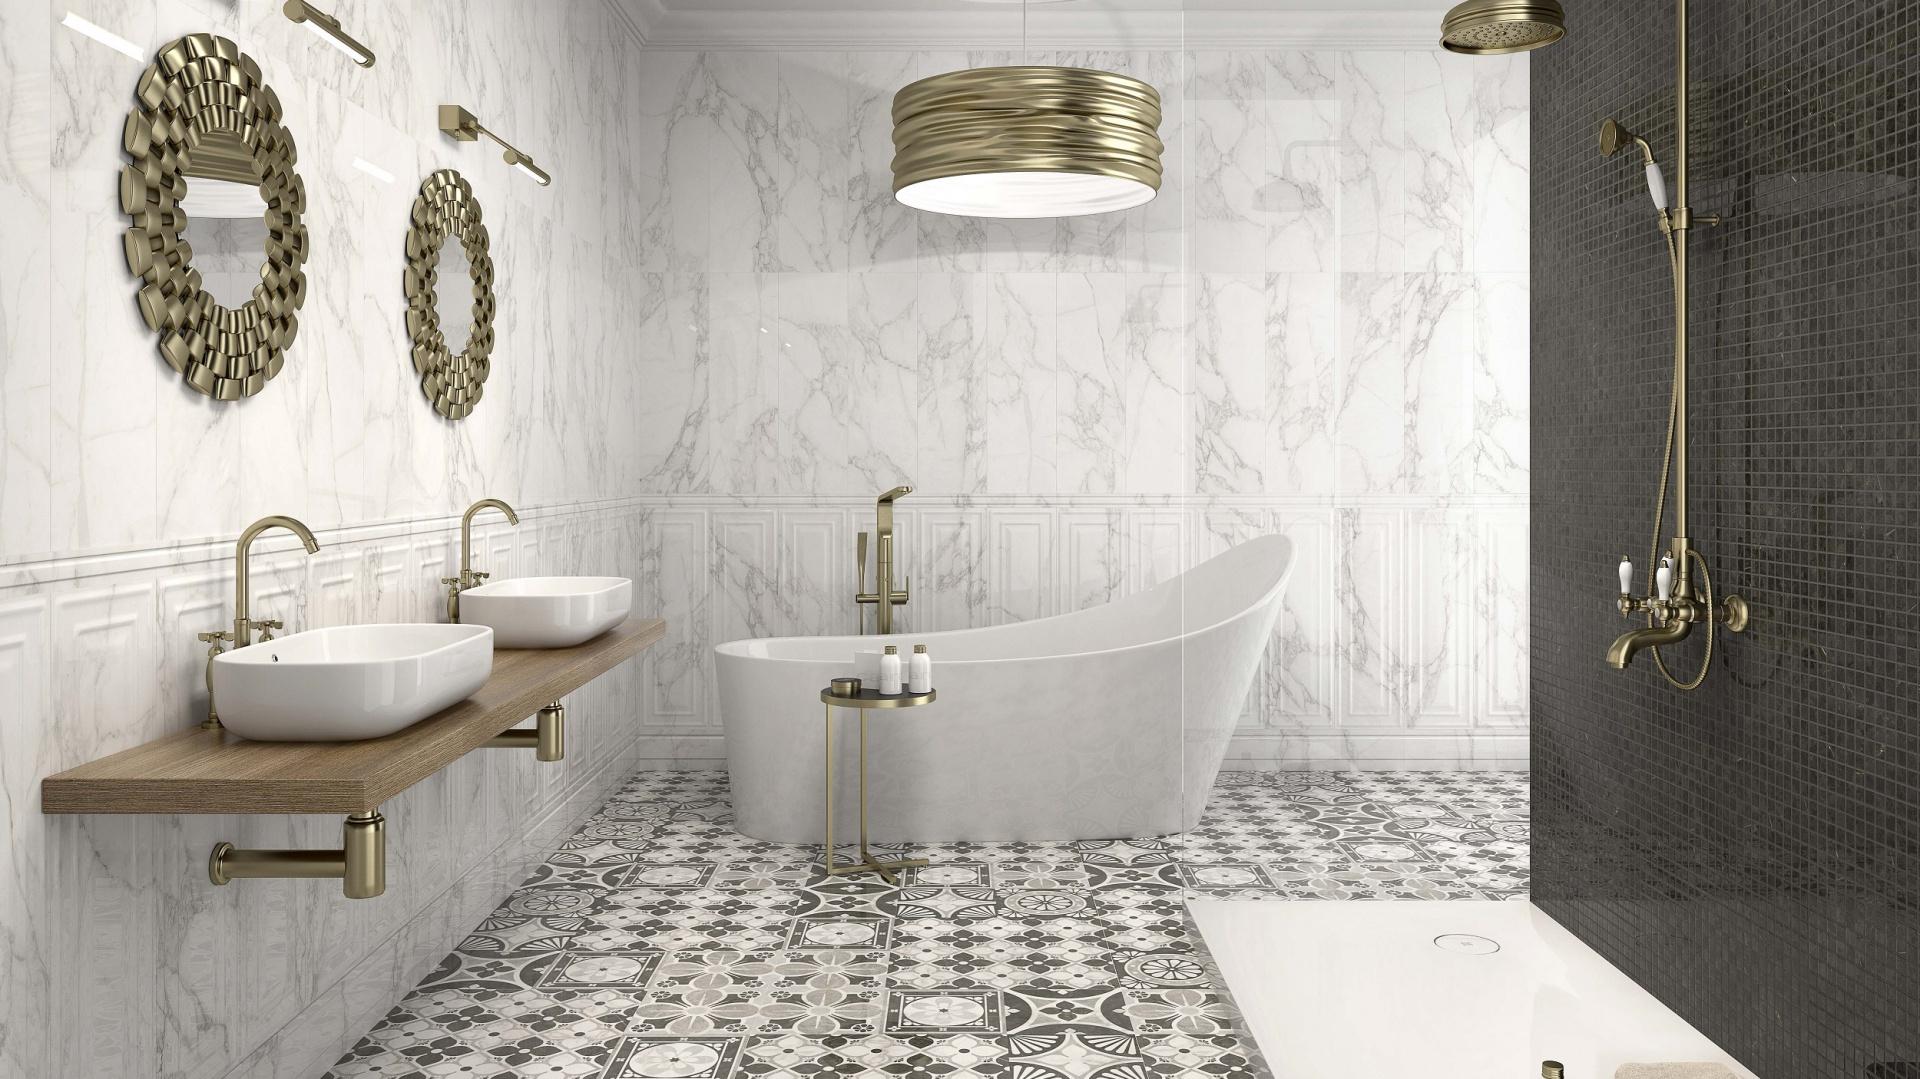 W bieli i szarościach - płytki ceramiczne Crystal firmy Argenta. Fot. Argenta.